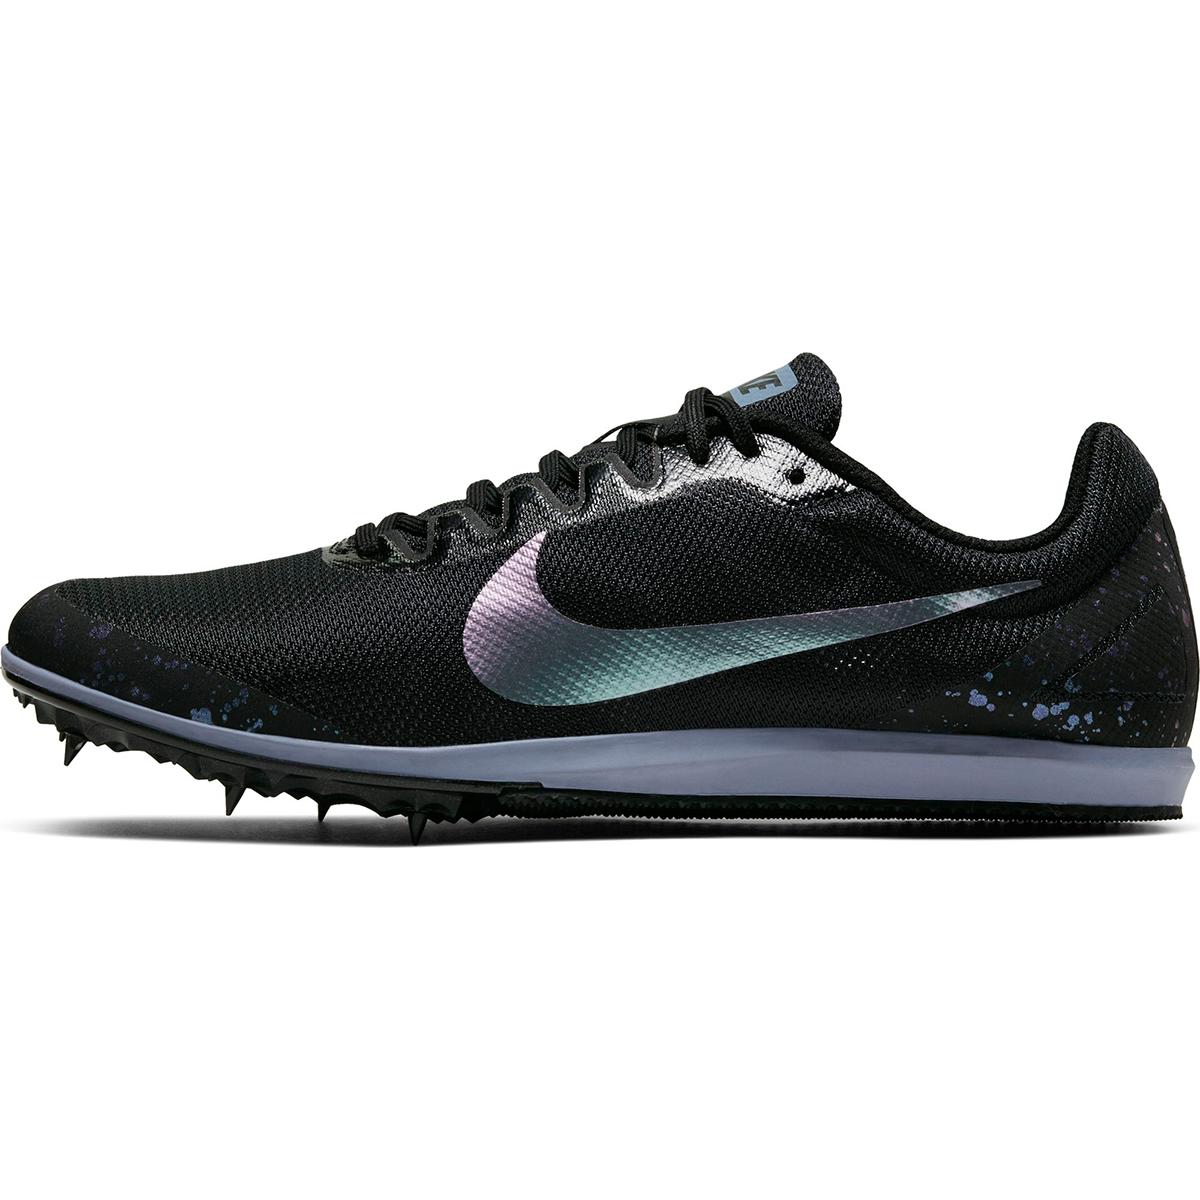 Nike Zoom Rival D 10 Track Spike - Color: Black/Indigo Fog (Regular Width) - Size: 6, Black/Indigo Fog, large, image 2